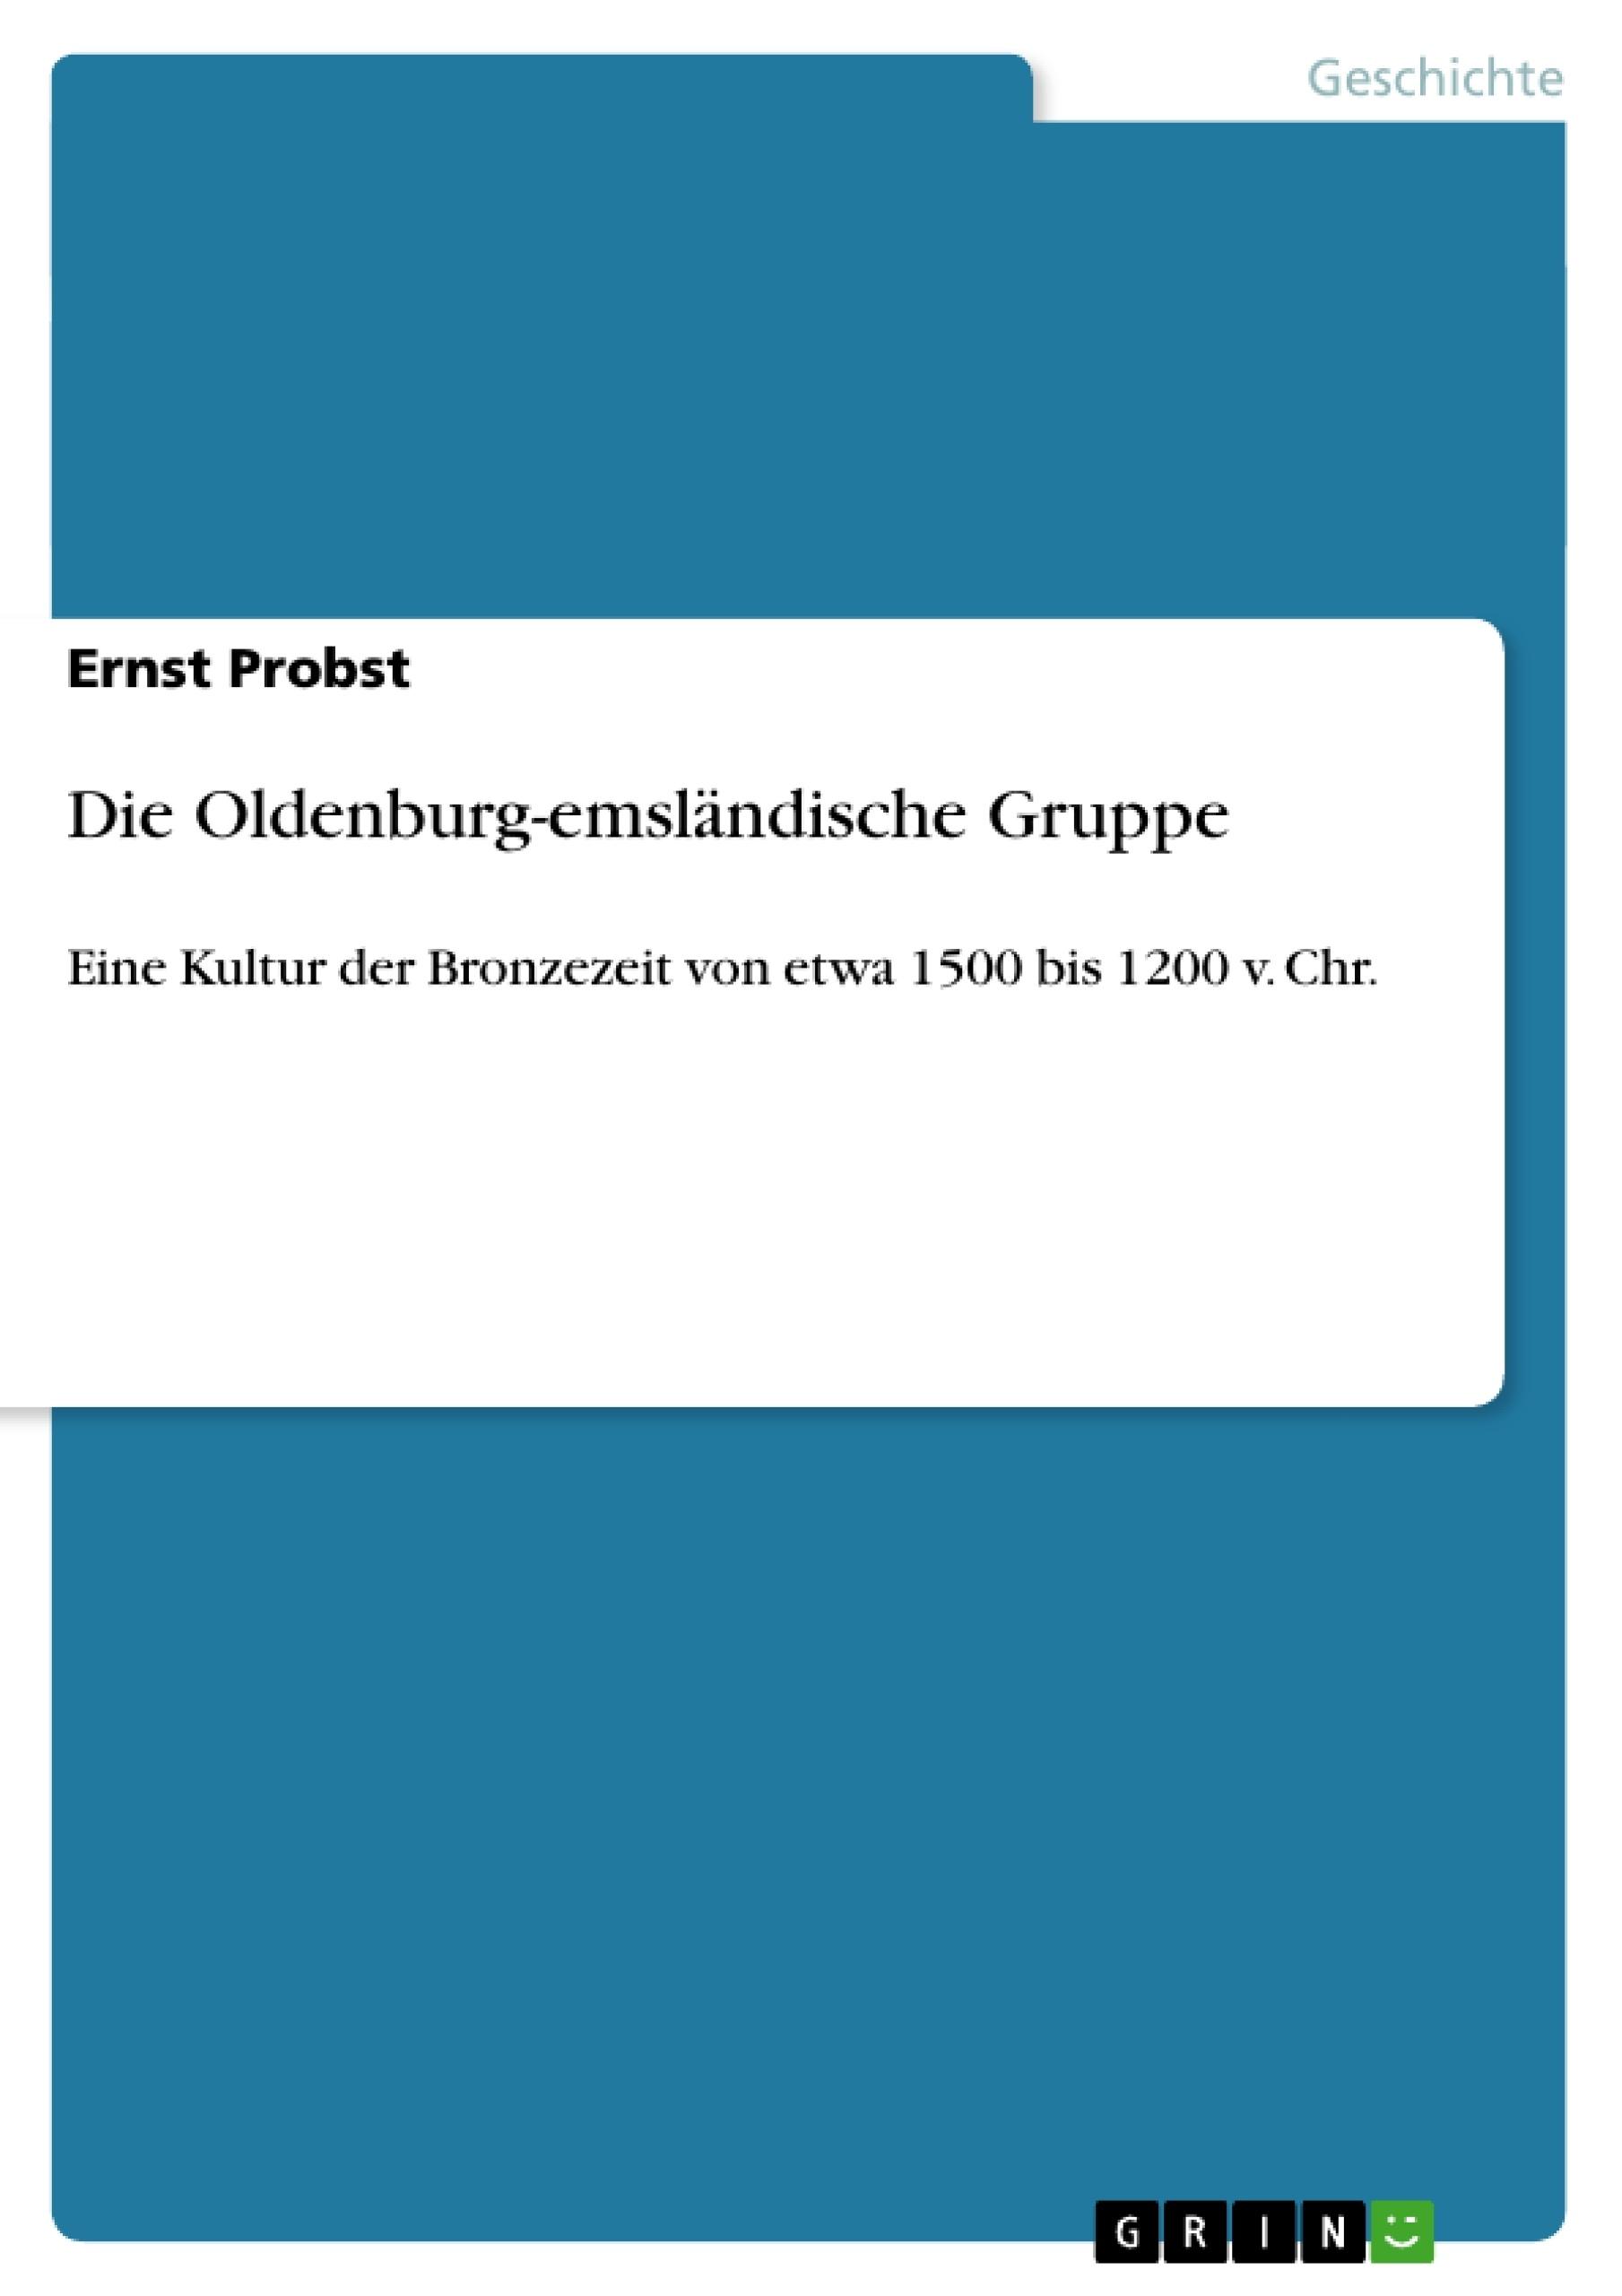 Titel: Die Oldenburg-emsländische Gruppe